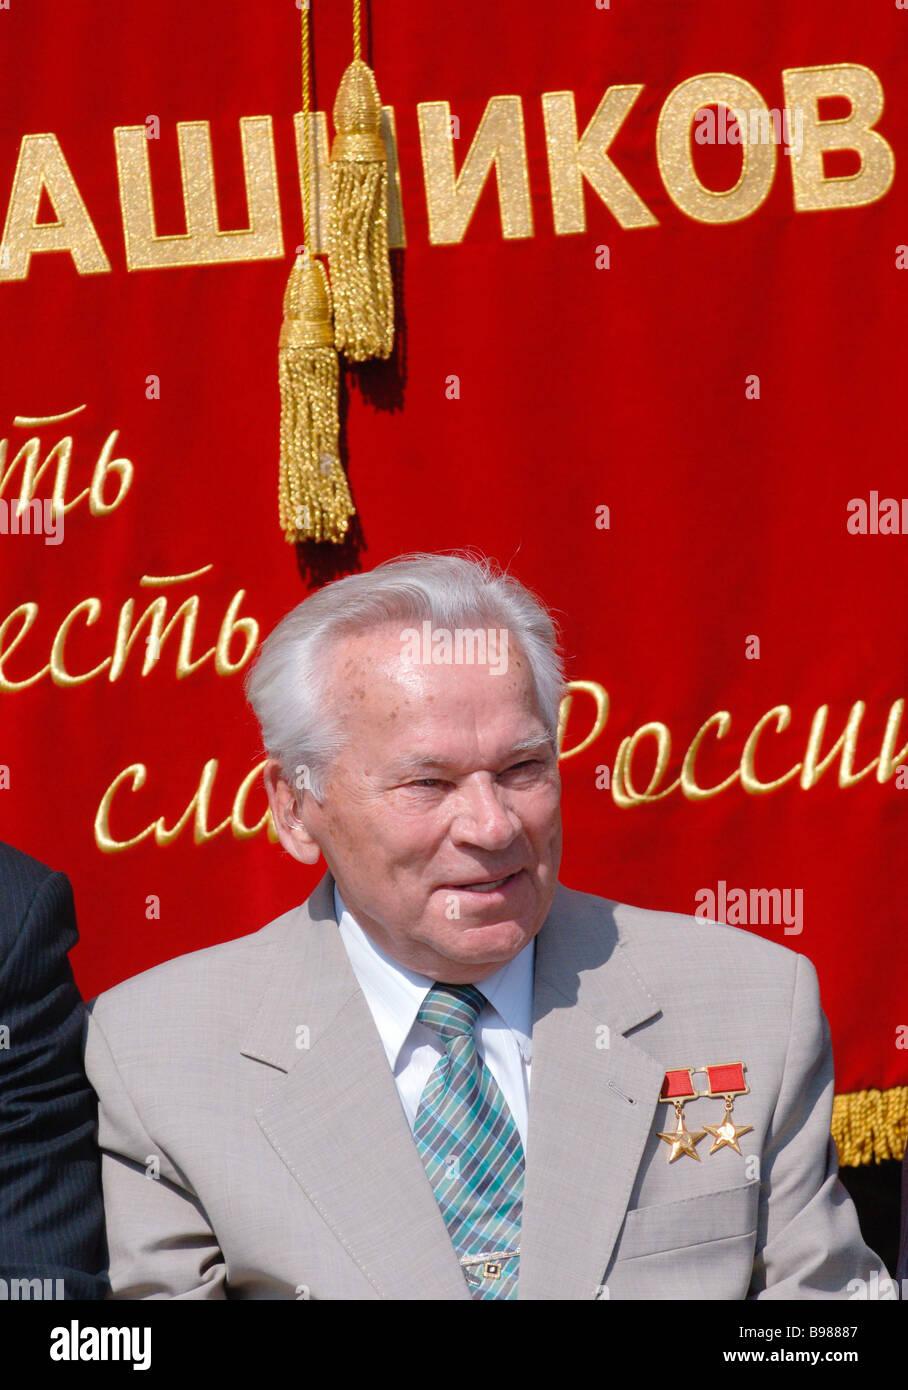 Mikhail Kalashnikov legendären Designer von russische Handfeuerwaffen auf einer internationalen Konferenz, Stockbild